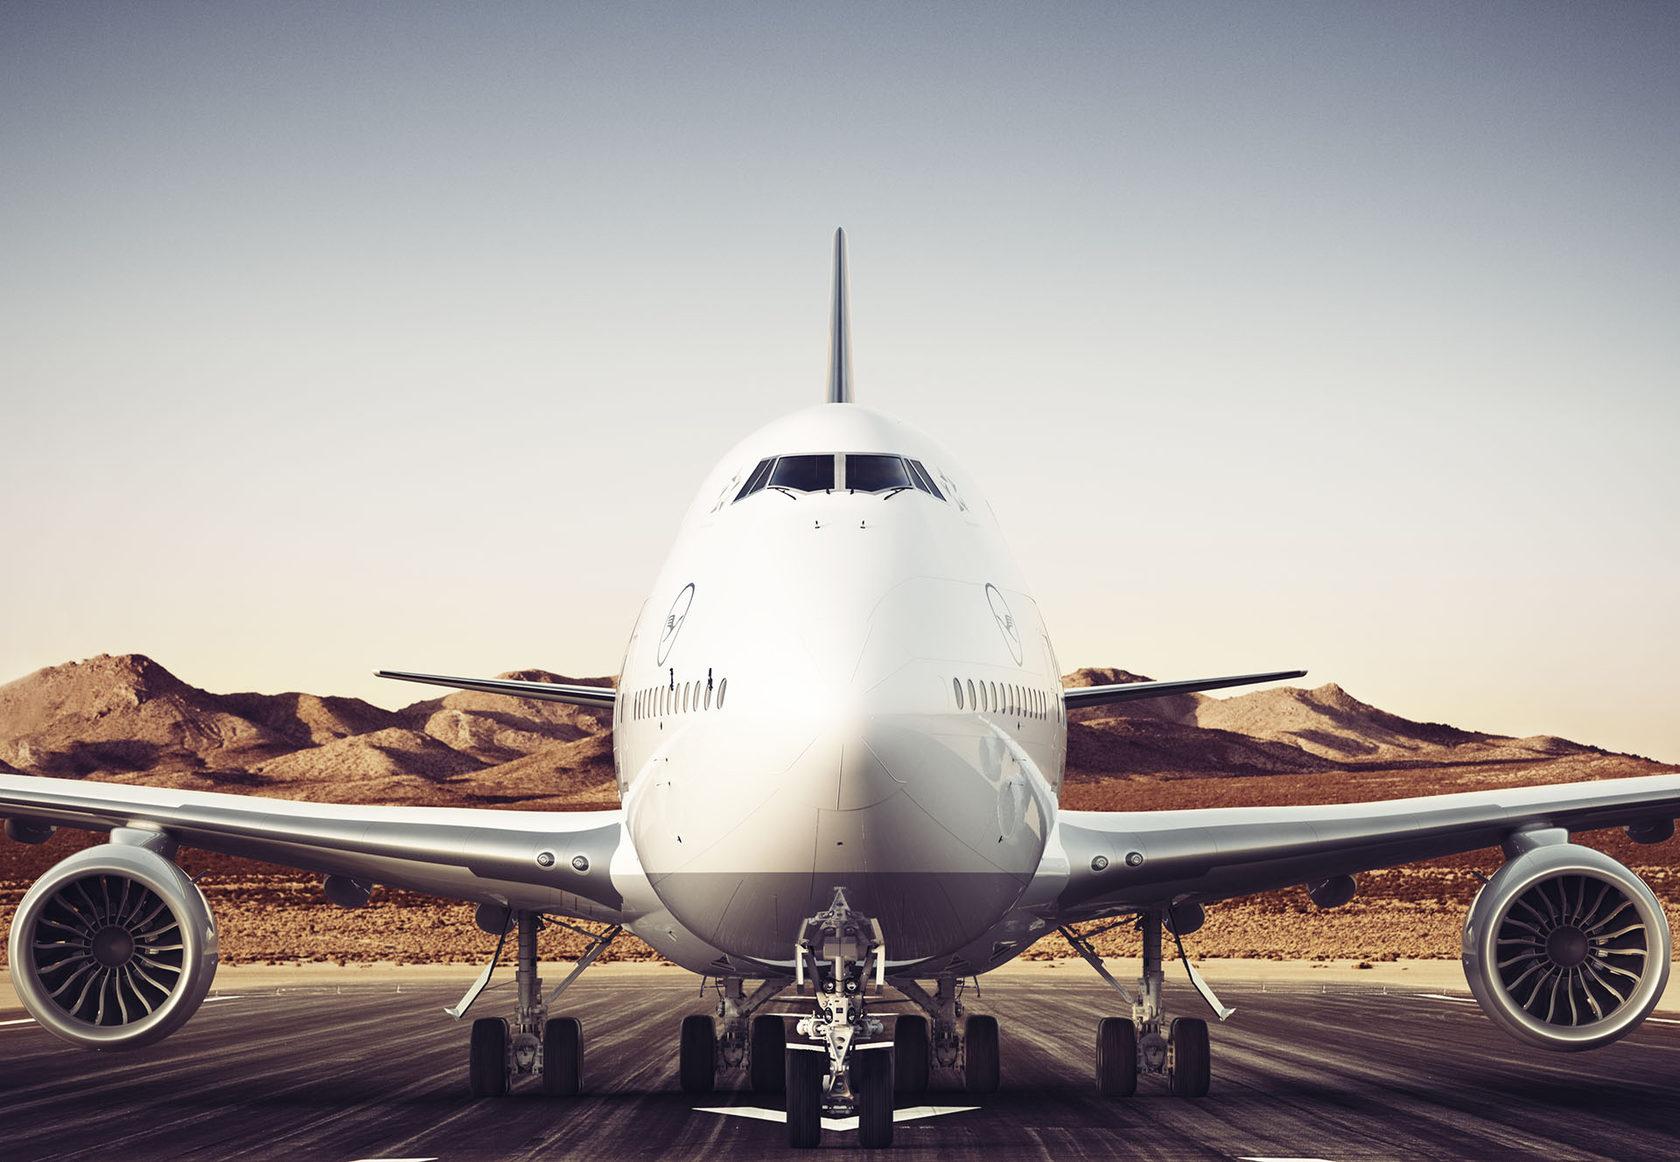 Журавль в небе: 5 причин, по которым Lufthansa признана лучшей авиакомпанией Европы